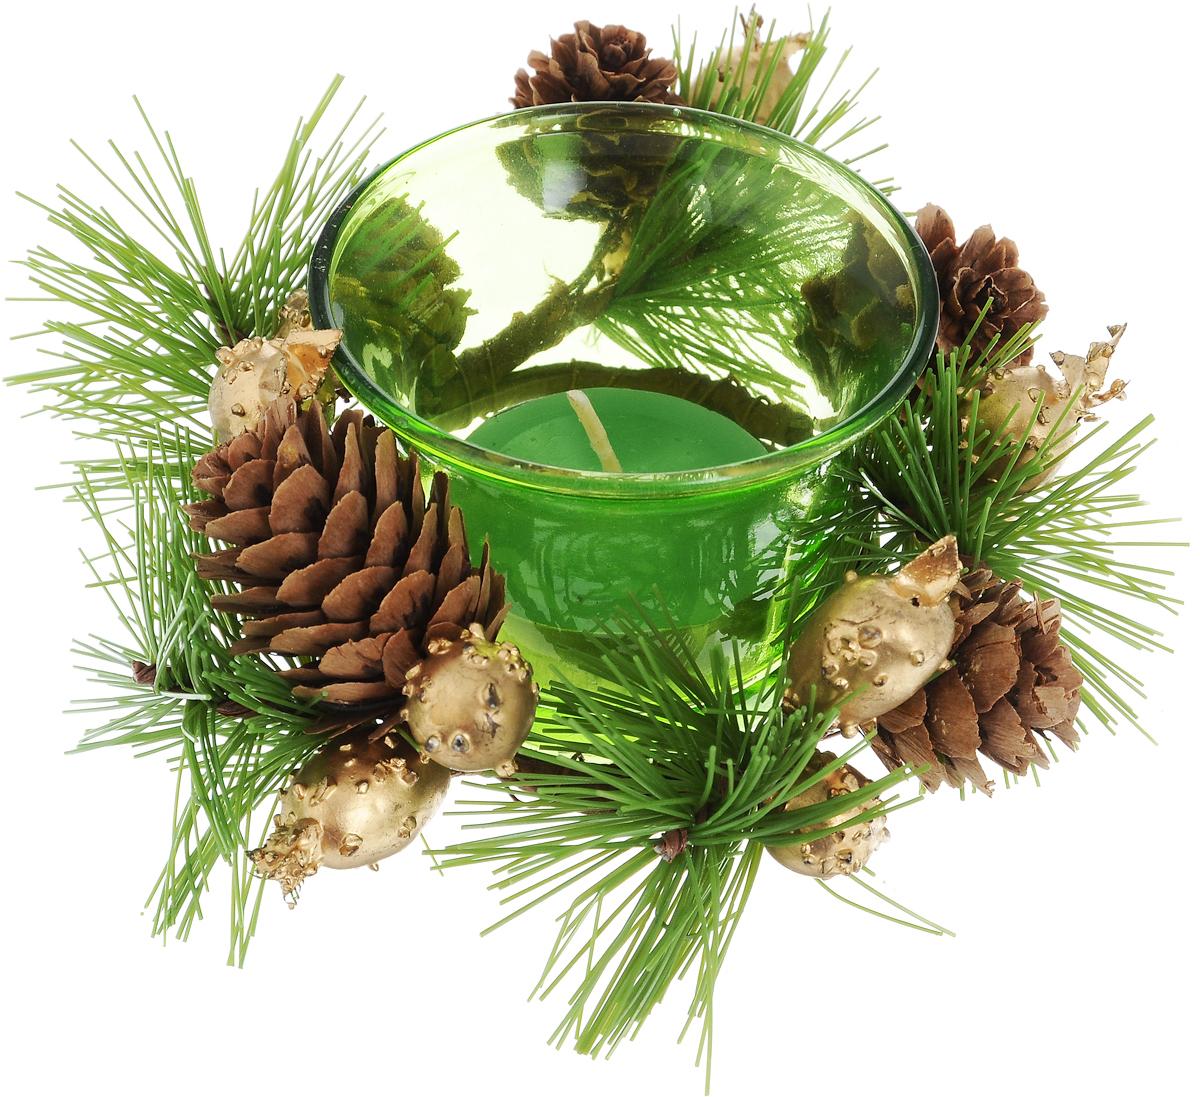 Подсвечник Lovemark, со свечой, цвет: зеленый, коричневый, золотистый. 5A11445A1144Подсвечник Lovemark представляет собой стеклянную емкость для чайной свечи, оформленную изысканным декоративным элементом в виде хвойной веточки с шишками. Чайная свеча зеленого цвета входит в комплект. Такой подсвечник элегантно оформит интерьер вашего дома. Мерцание свечи создаст атмосферу романтики и уюта. Диаметр емкости (по верхнему краю): 6,5 см. Высота емкости: 4,5 см. Диаметр свечи: 3,5 см.